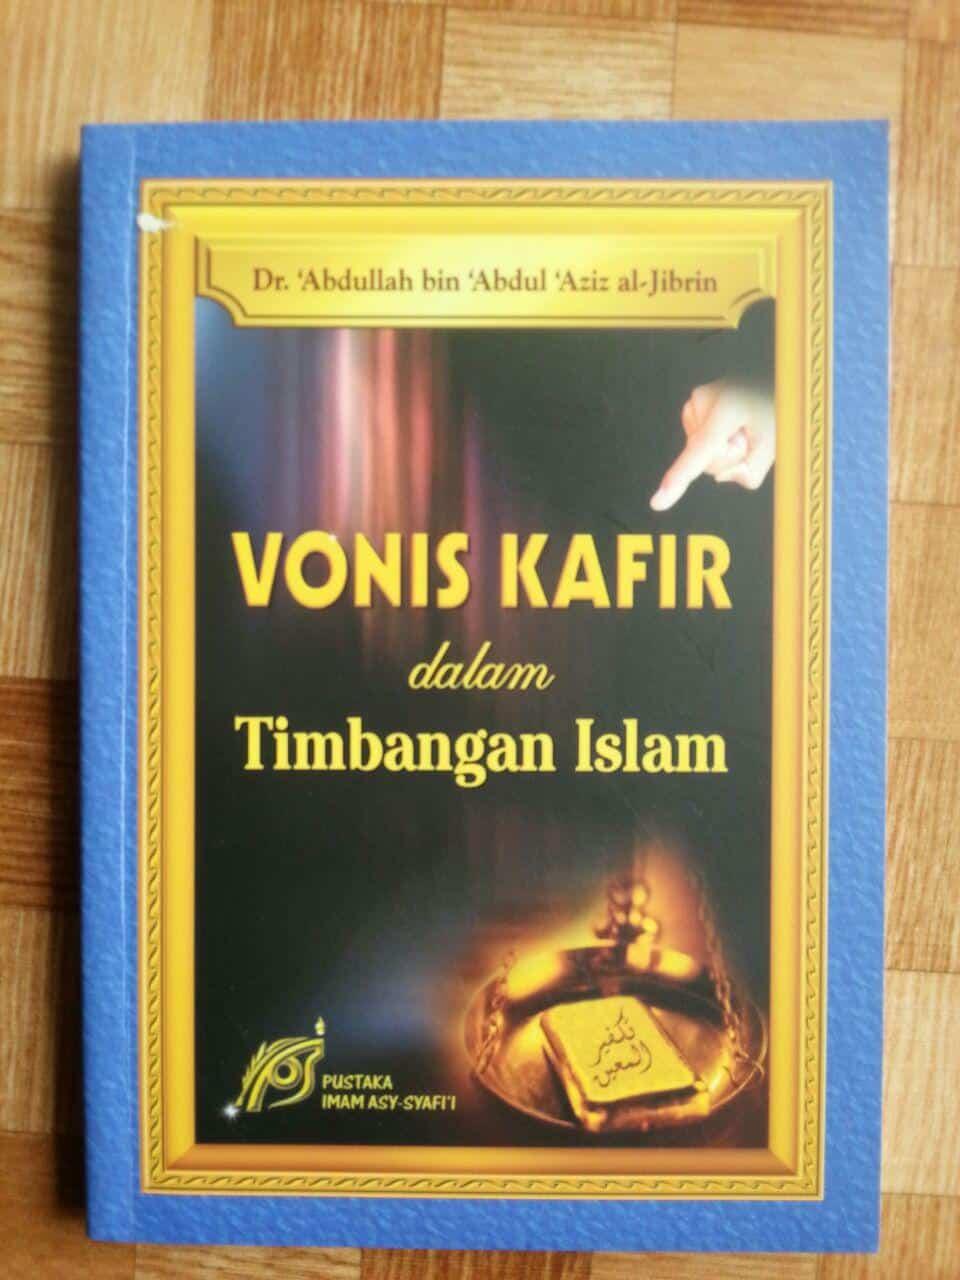 Buku Vonis Kafir Dalam Timbangan Islam cover 2